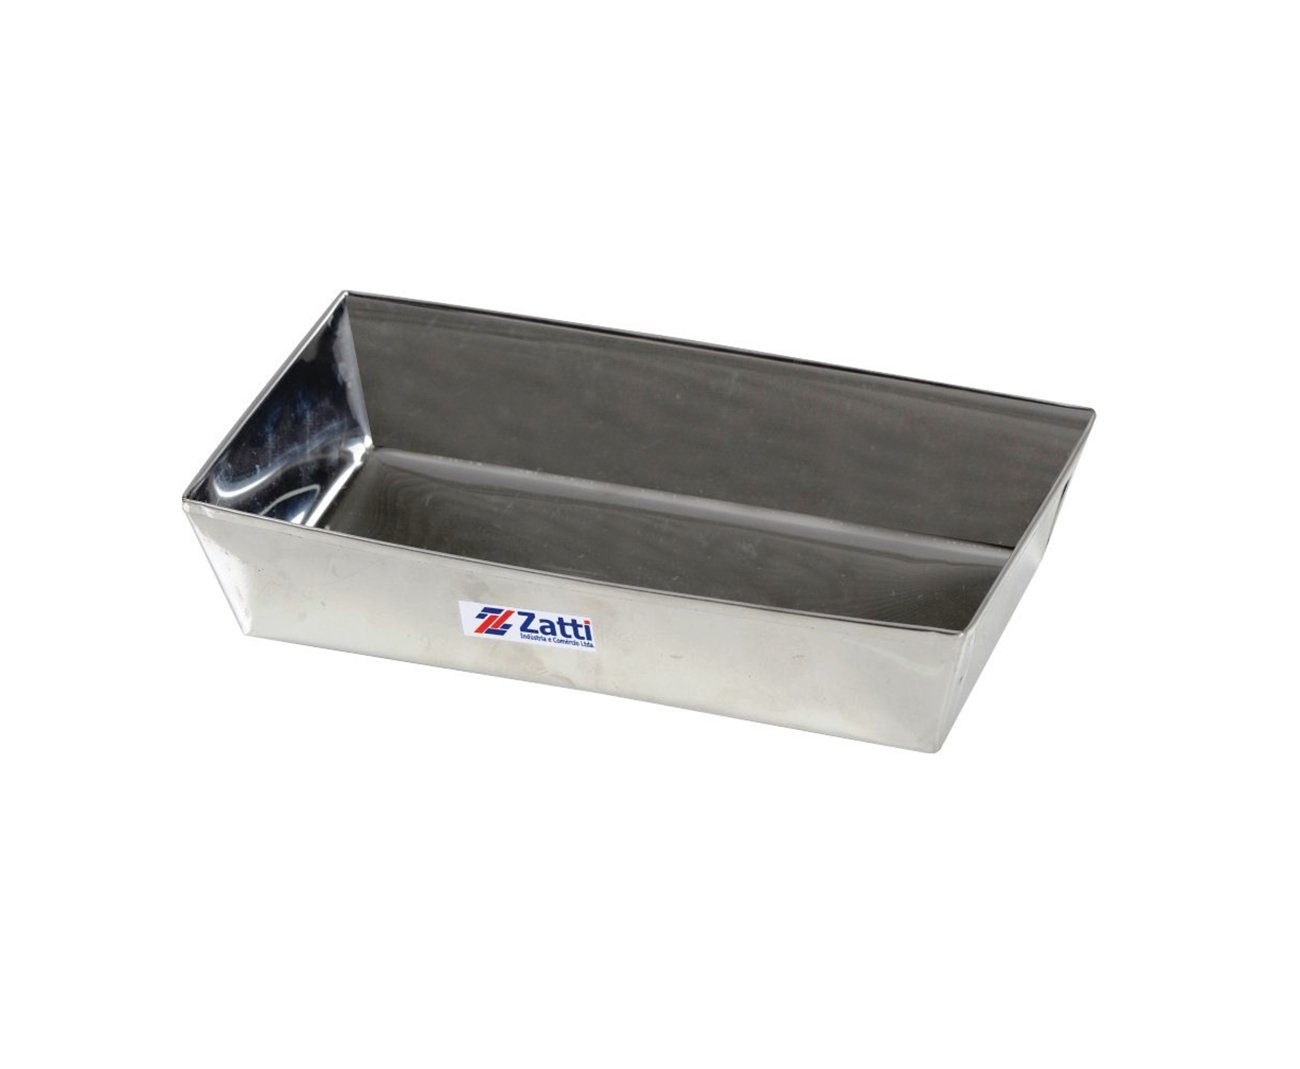 Forma Zatti  Para Pão Em Inox 430 - 145 X 123 X 26 Mm -